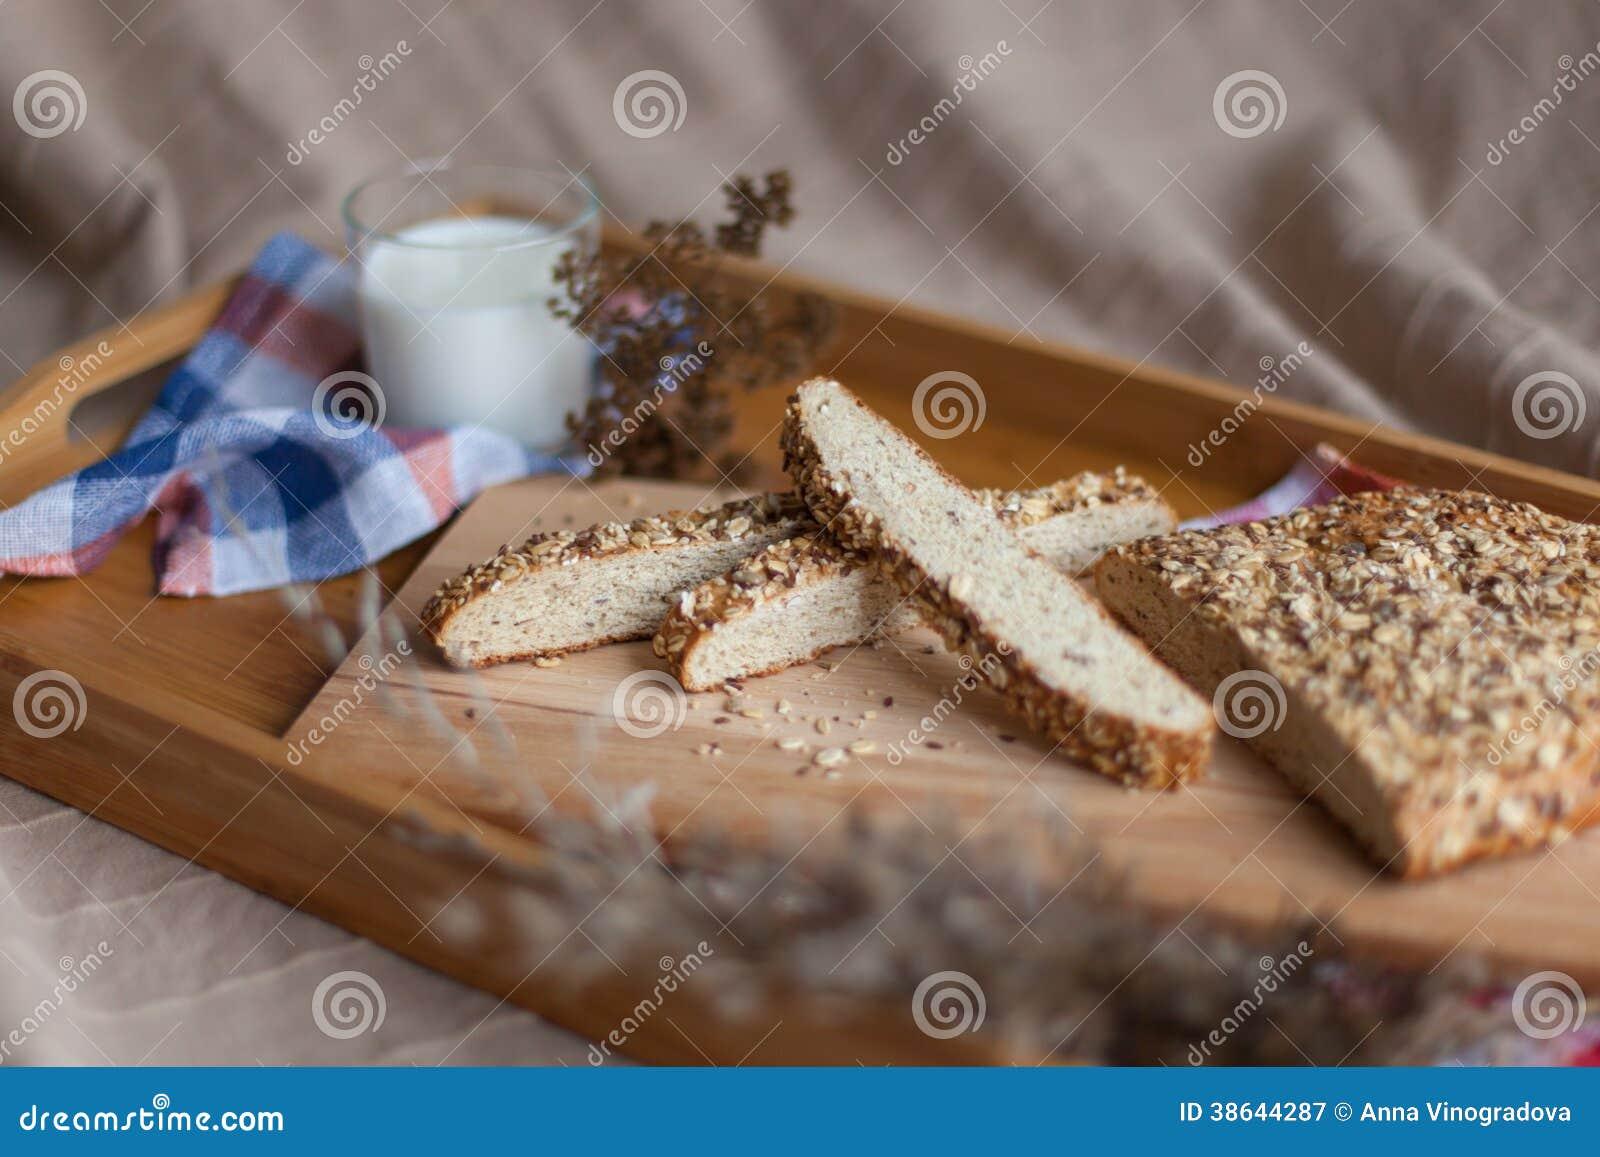 Leche y pan en la bandeja de madera